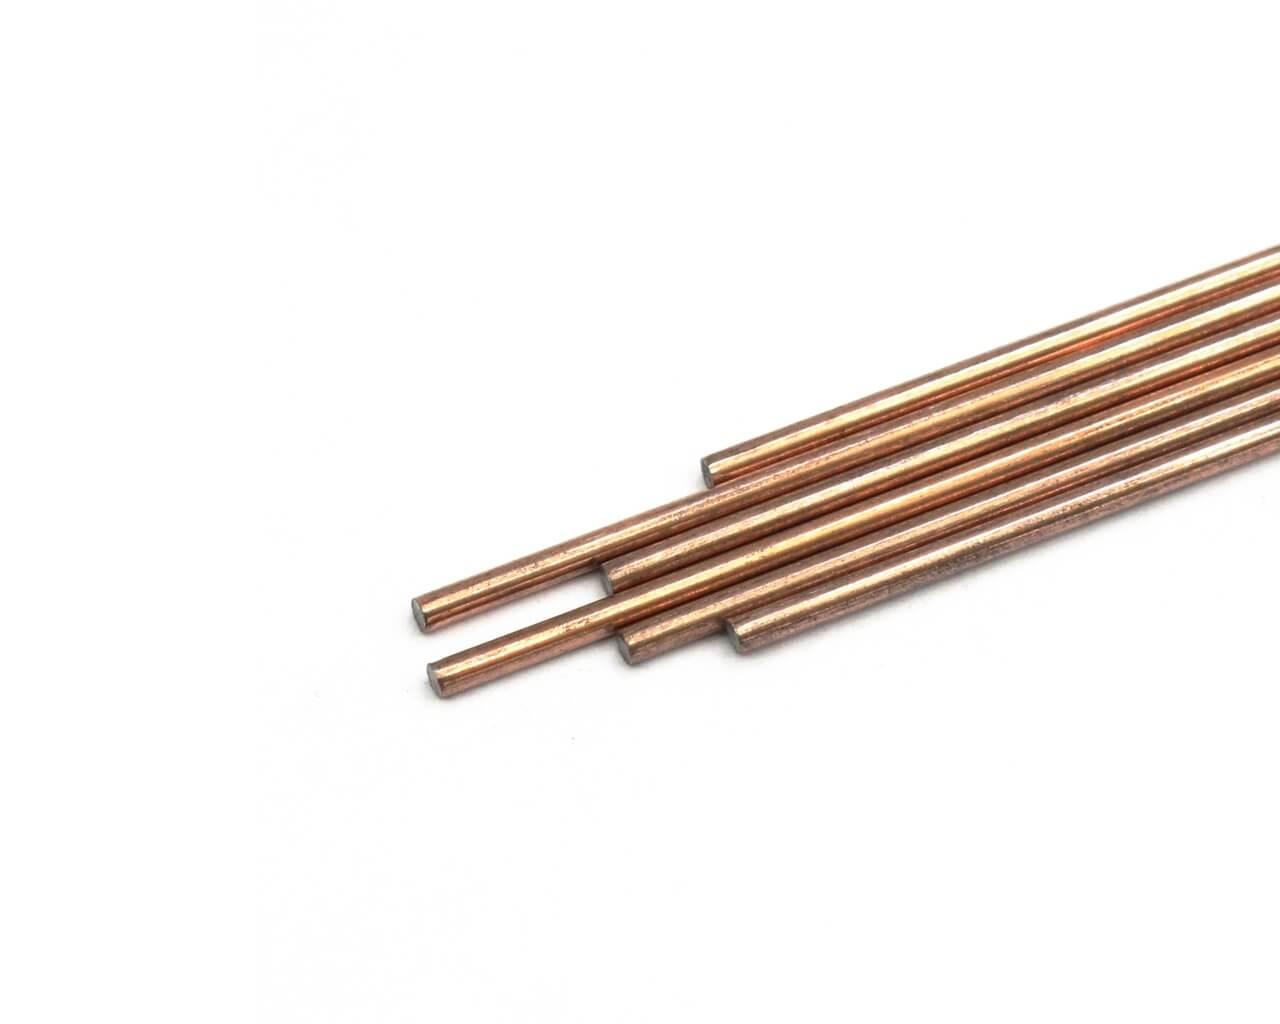 WIG-Schweißstäbe 1.5125 SG 2 2.0x1000mm / 10kg-Pack